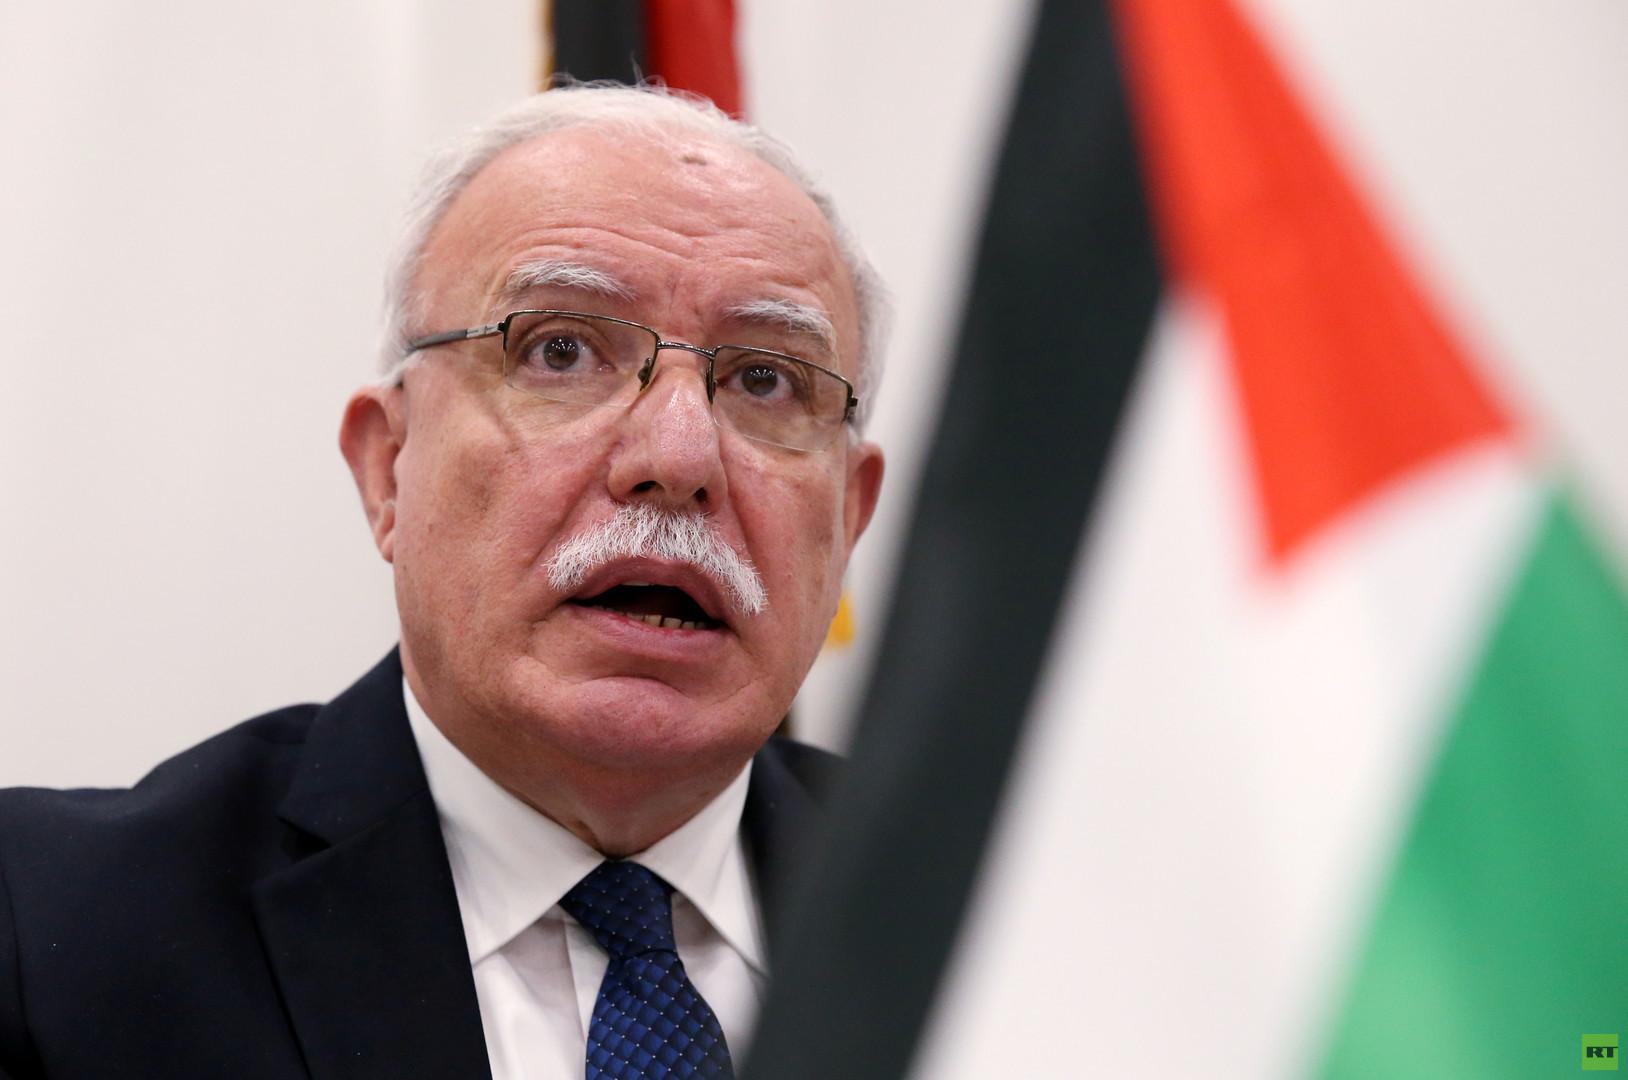 وزير الخارجية الفلسطيني: عباس مستعد للقاء نتنياهو في موسكو وترامب سائق متهور